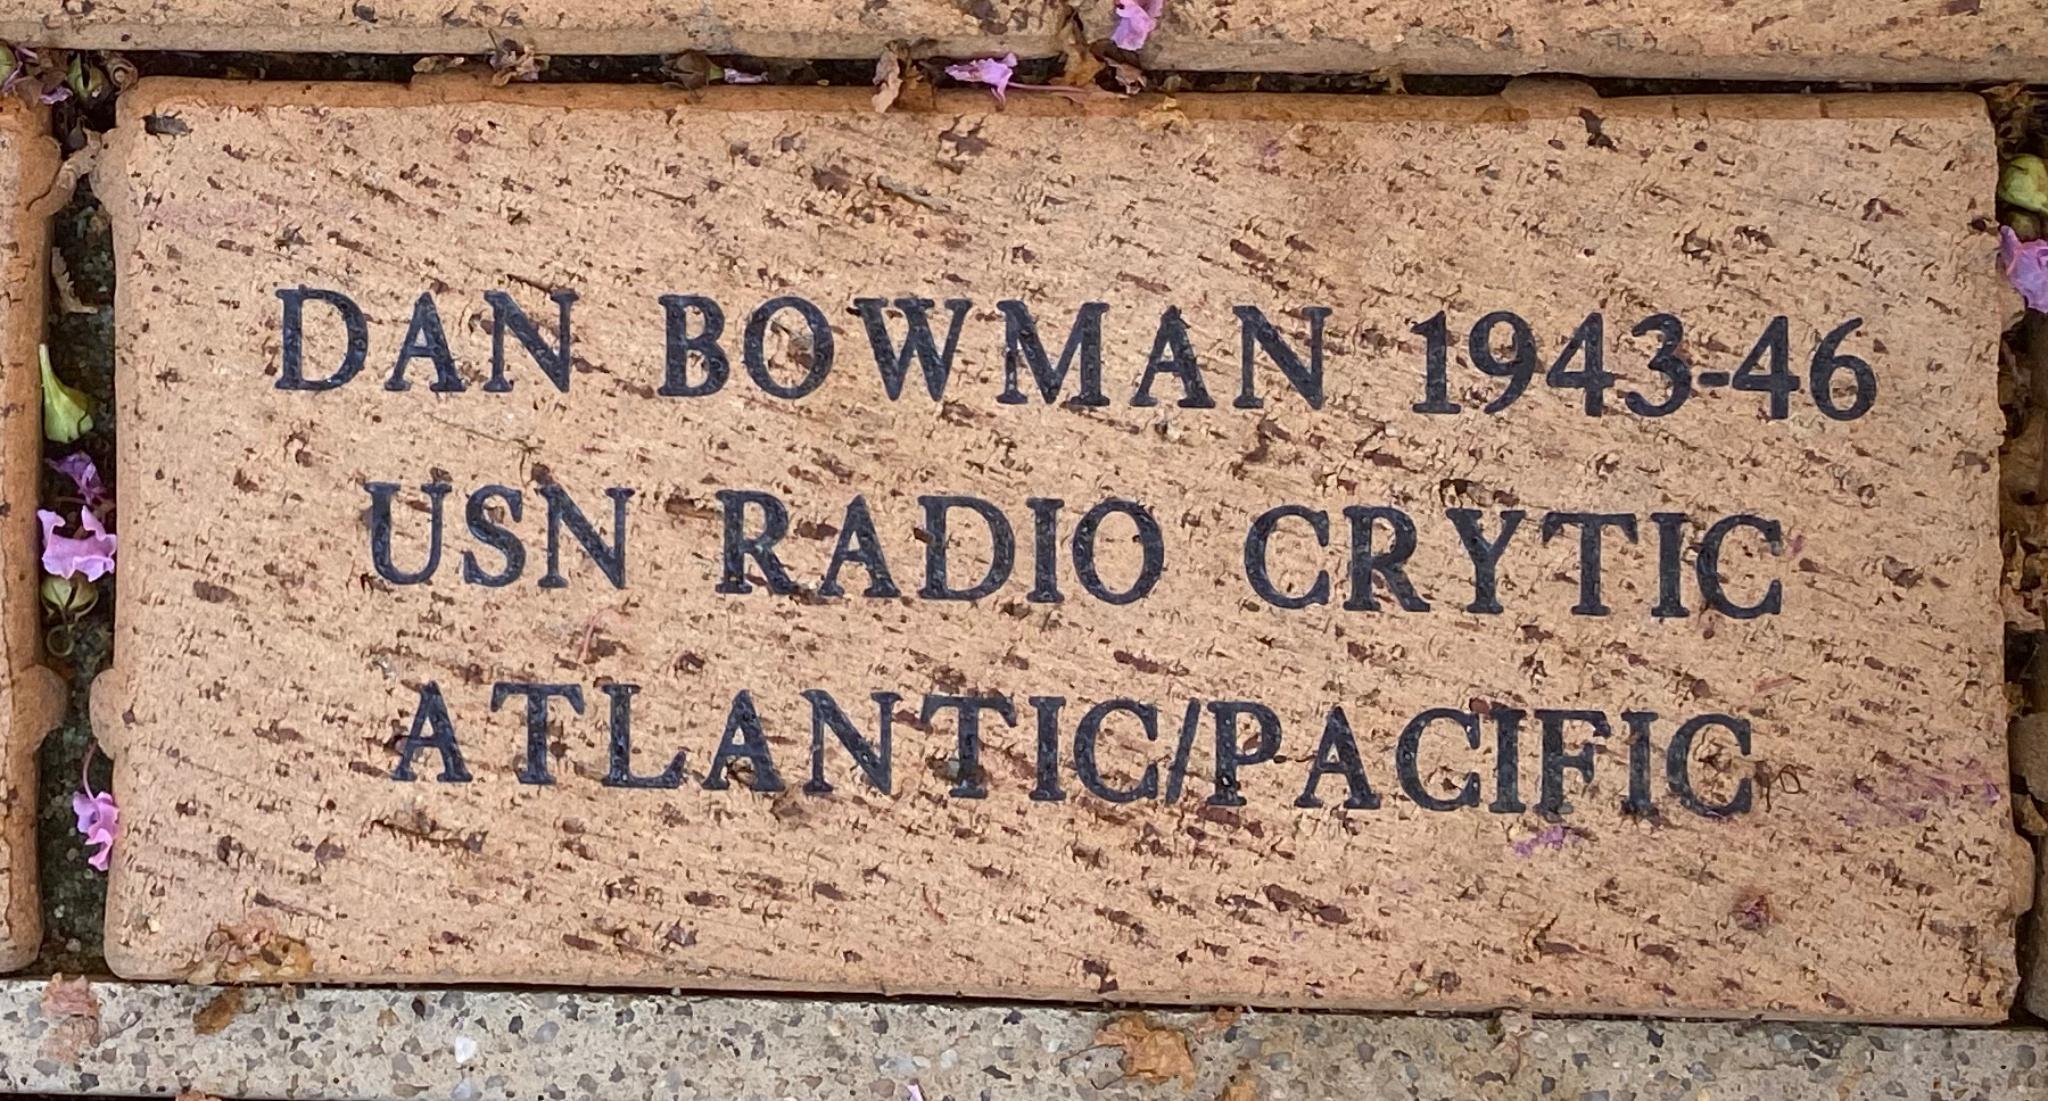 DAN BOWMAN 1943-46 USN RADIO CRYTIC ATLANTIC/PACIFIC